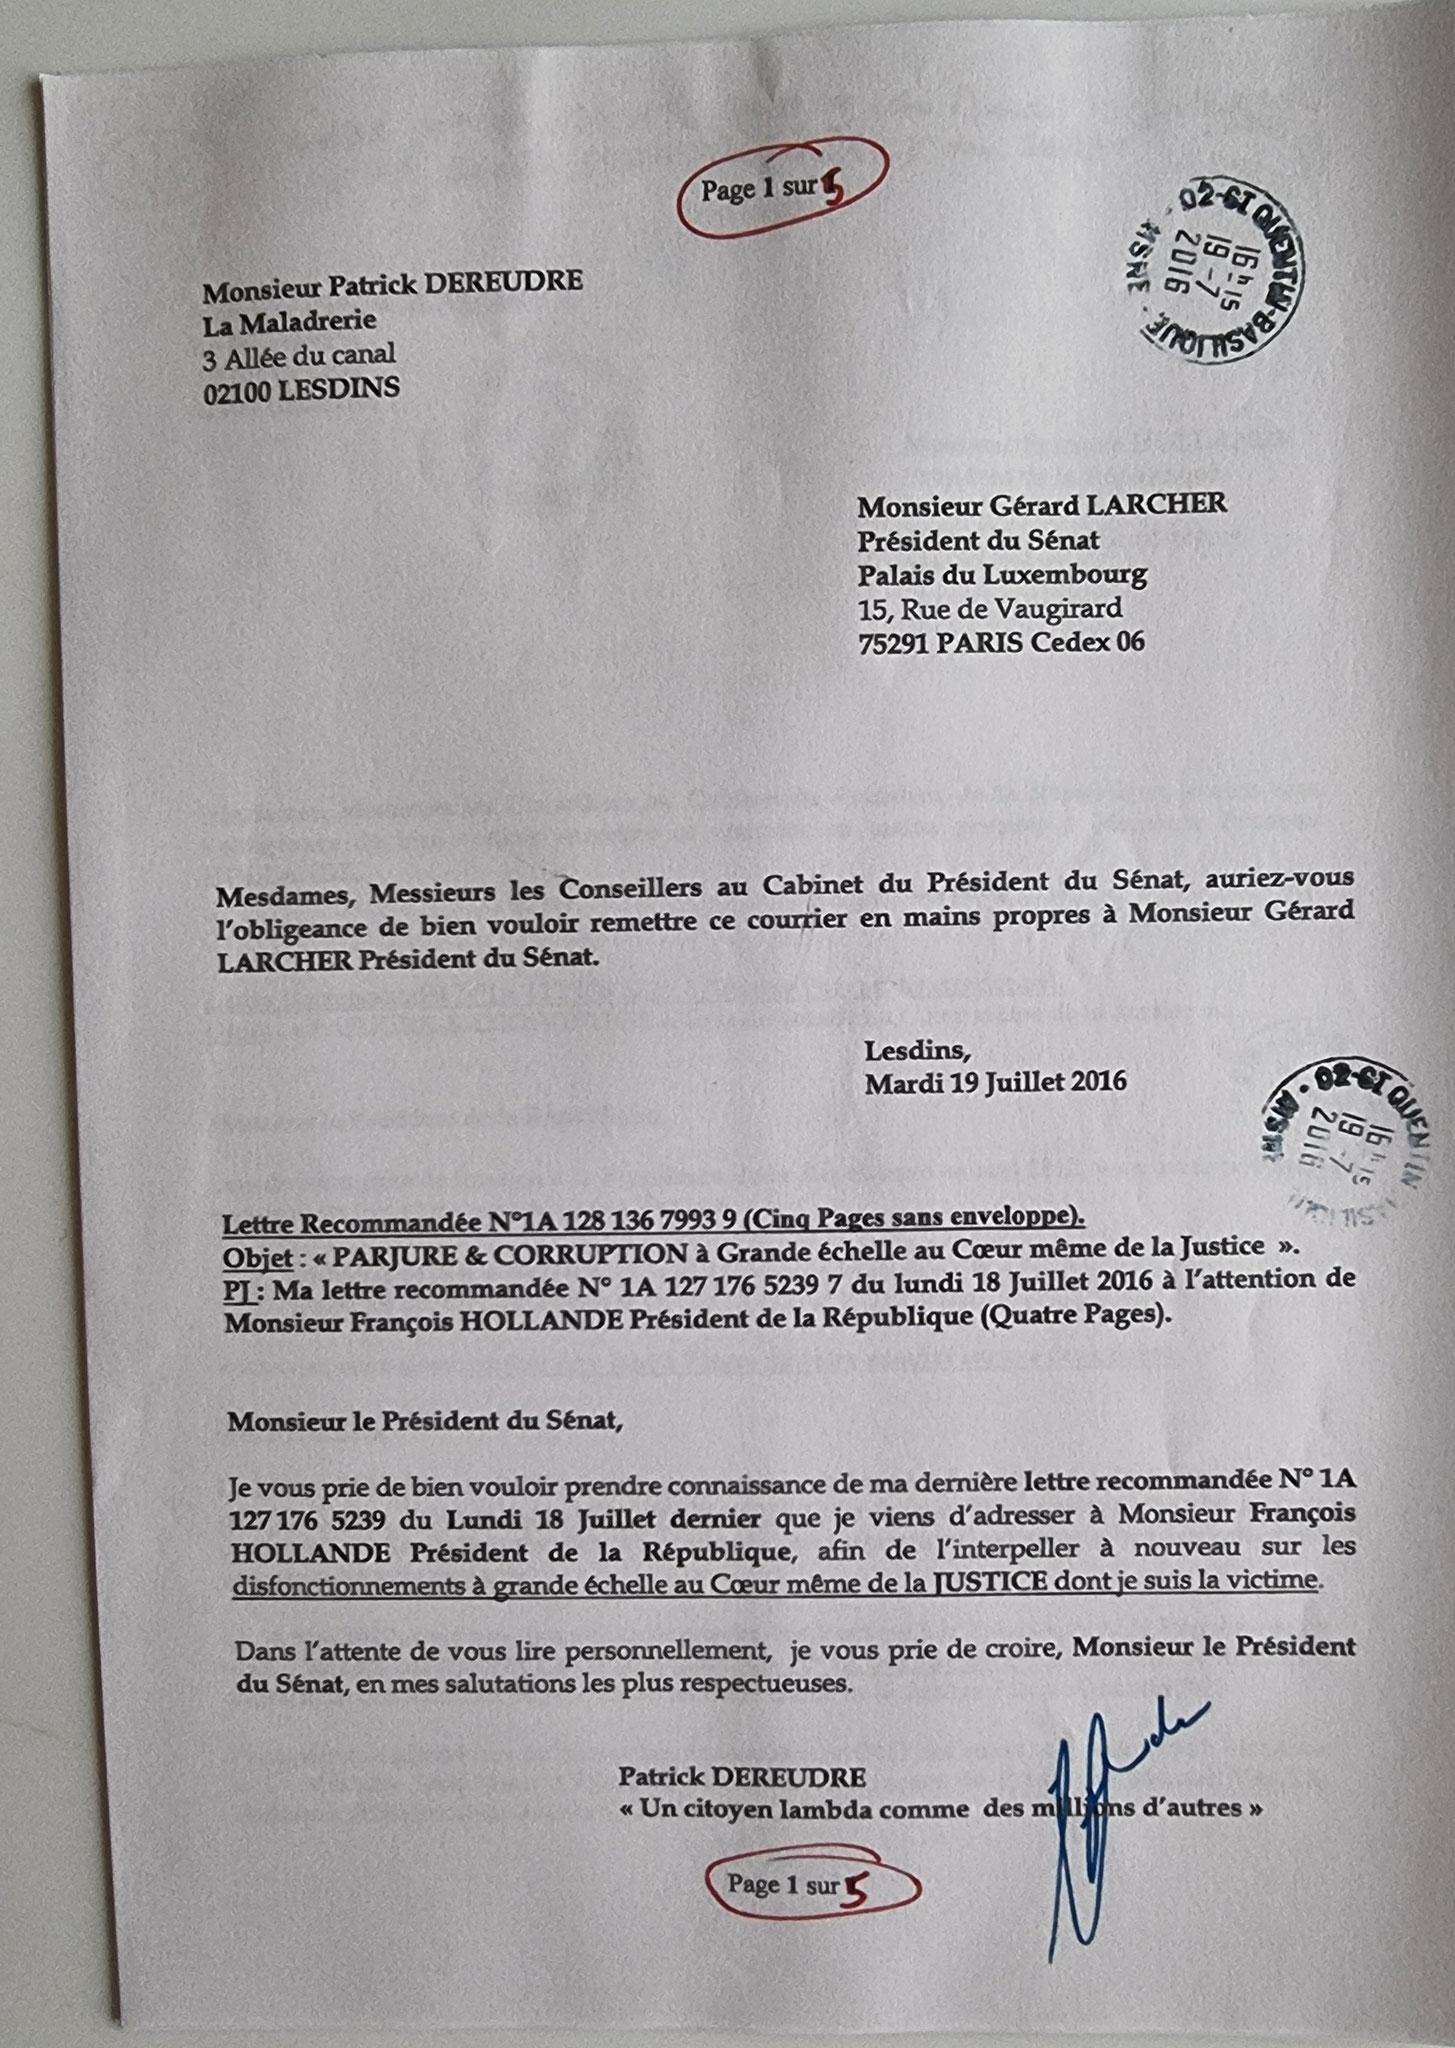 Ma Lettre recommandée du 19 Juillet  2016 adressée à Monsieur le Président du Sénat Monsieur Gérard LARCHER www.jesuisvictime.fr www.jesuispatrick.fr www.jenesuispasunchien.fr